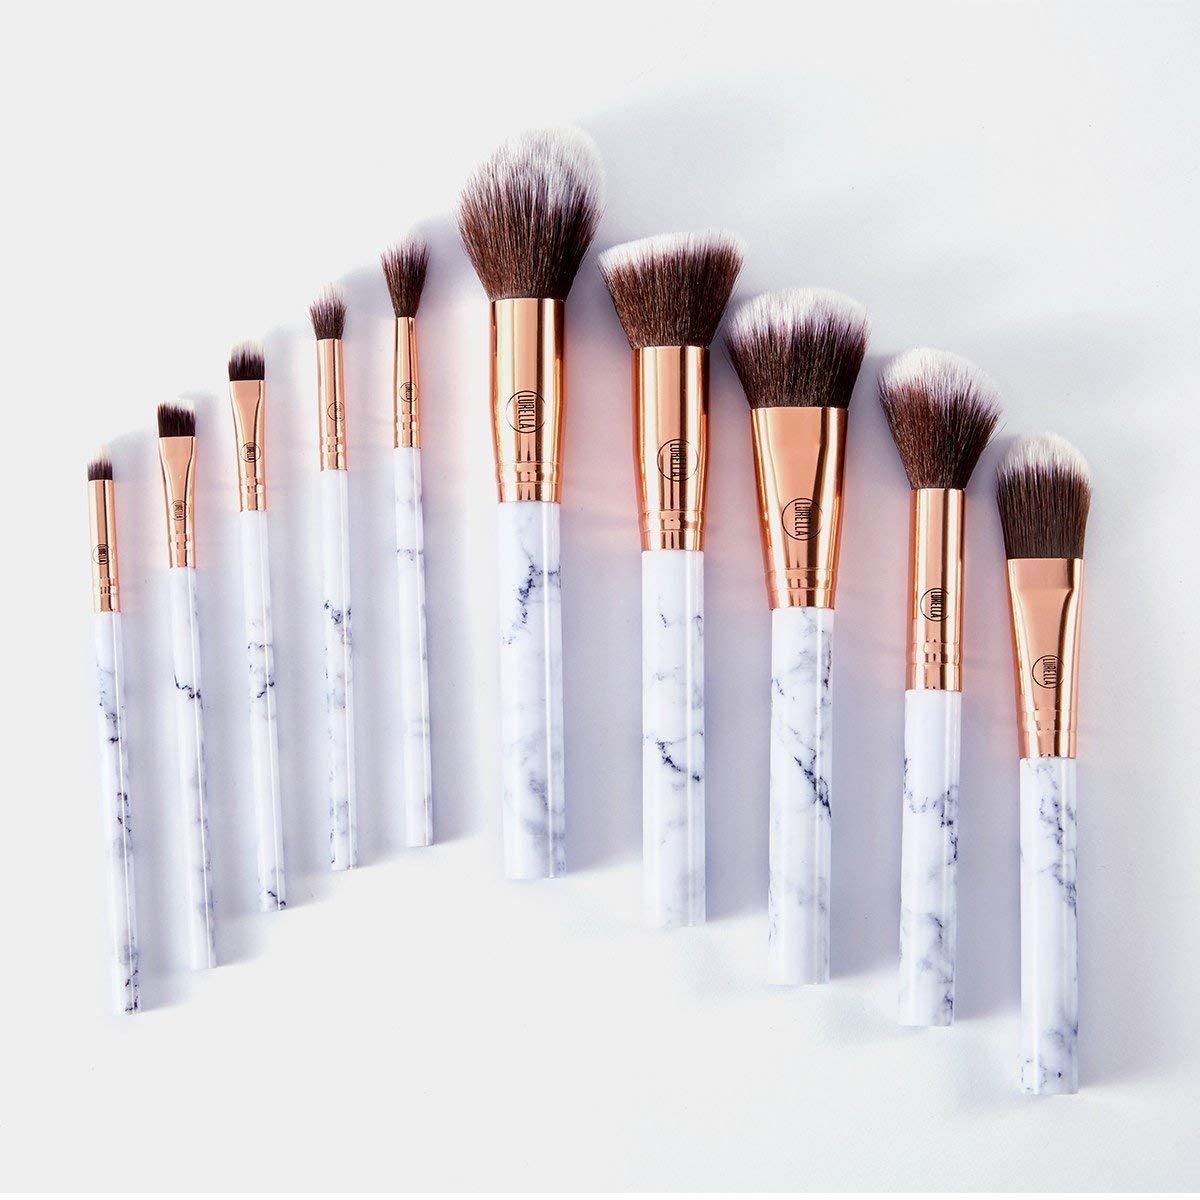 Lurella Cosmetics Deluxe Marble Makeup Brush 10 Set: Direct sale of manufacturer Superlatite P Essential